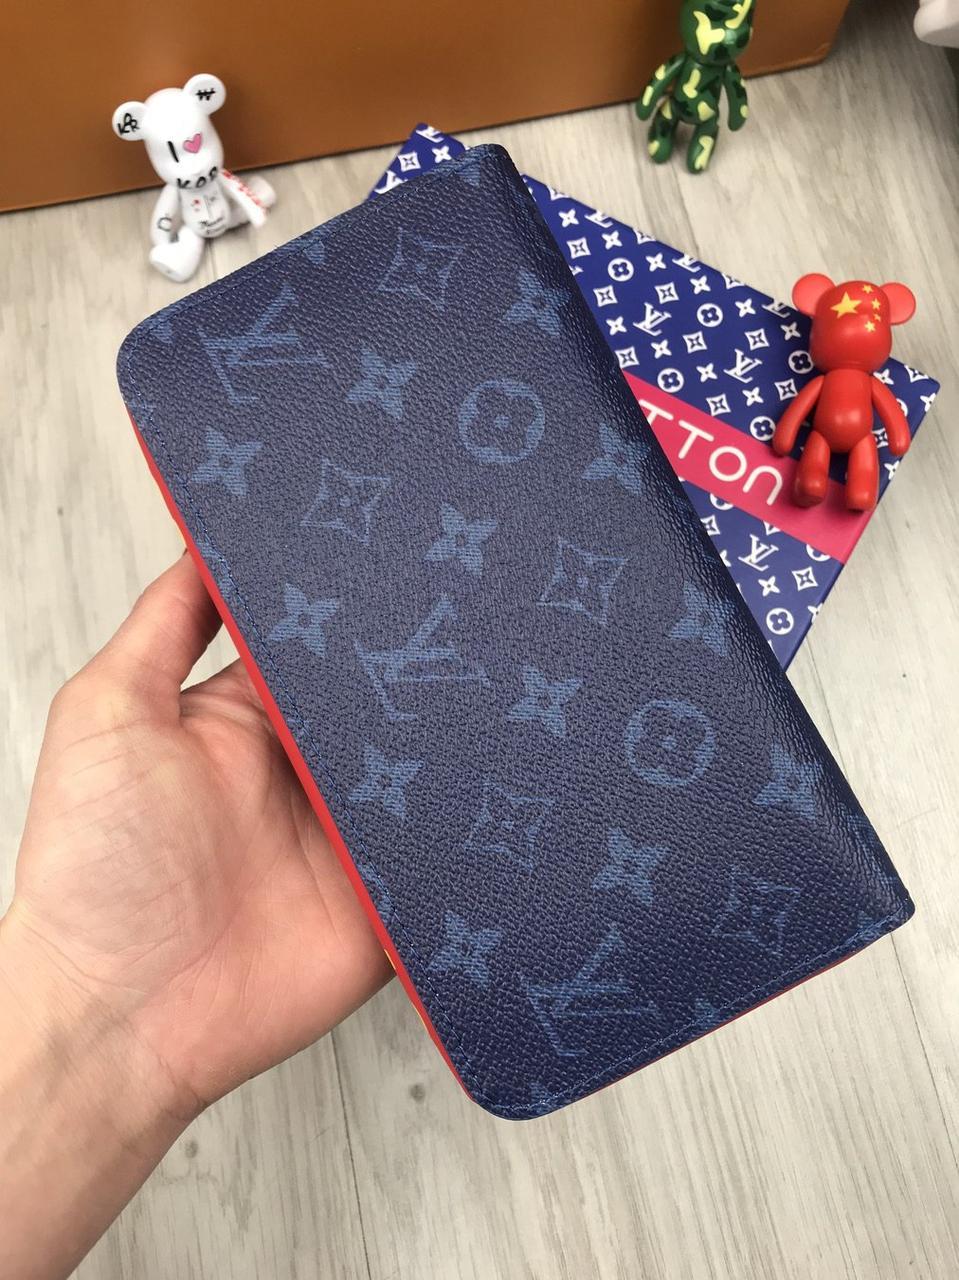 0a3e40557dae Кошелек клатч портмоне бумажник коричневый мужской женский Louis Vuitton  премиум реплика